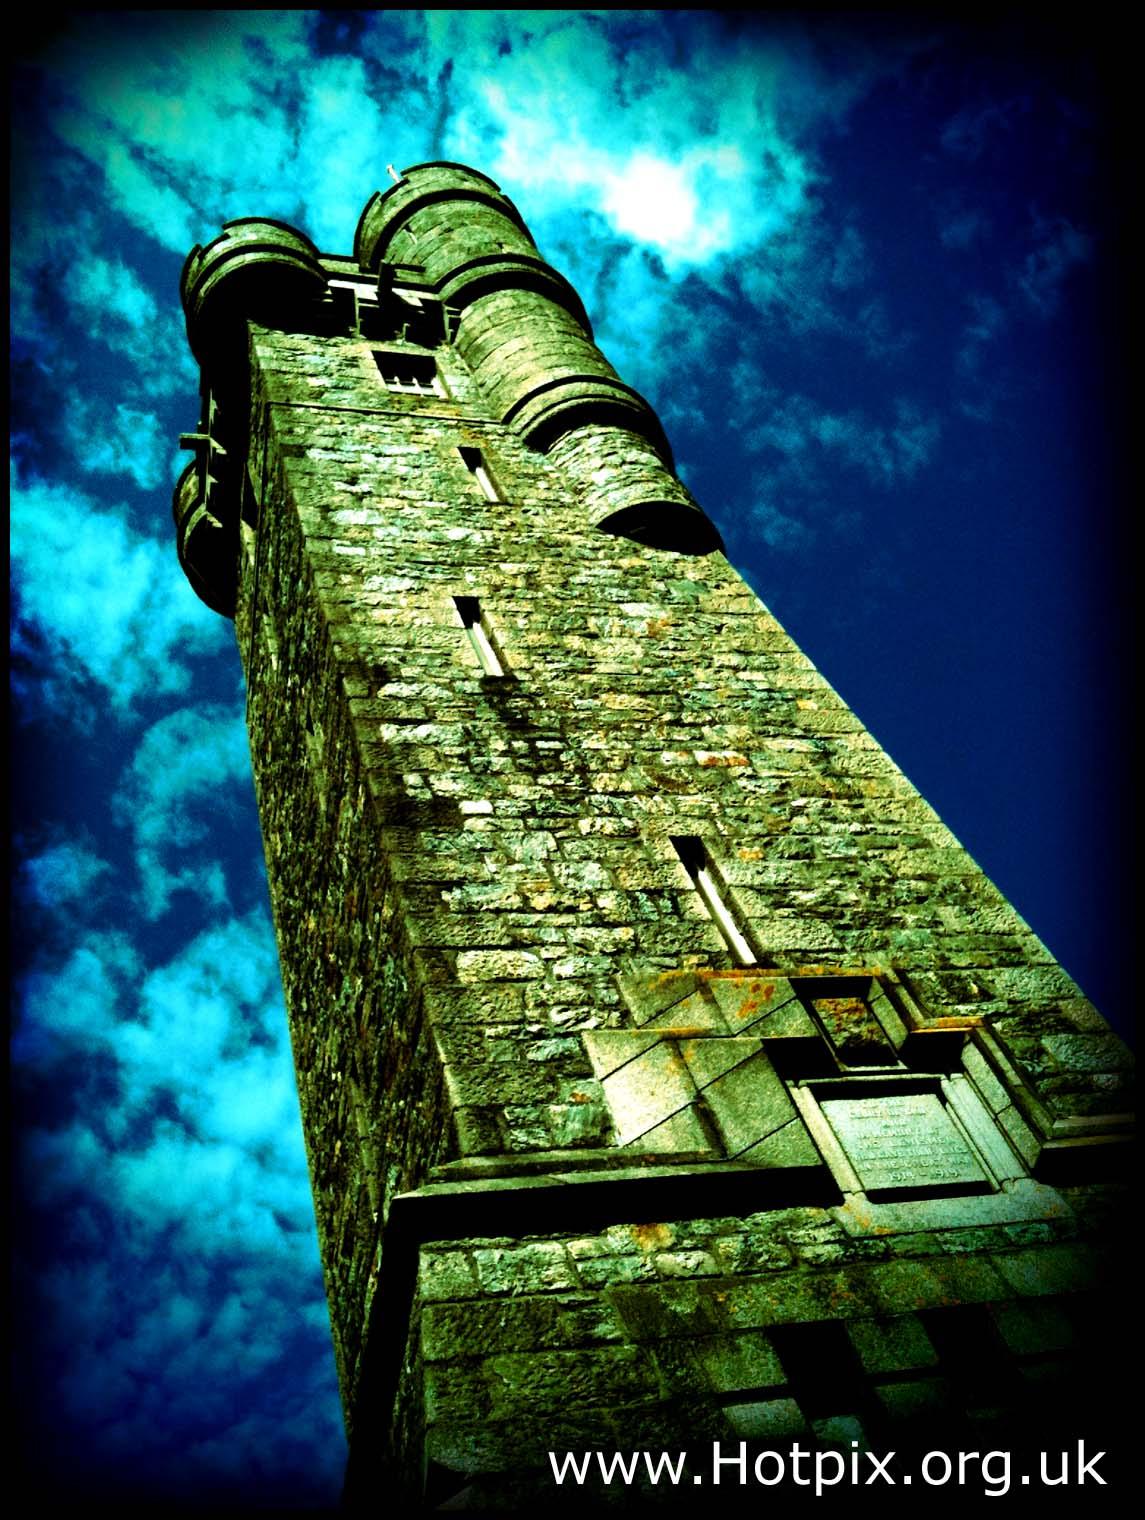 scotland,britain,lewis,outer,hebrides,UK,scotia,escosse,escose,tonysmith,tony,smith,hotpix,hotpixuk,tonysmithhotpix,edinbrugh,ipod,music,tower,#tonysmithotpix